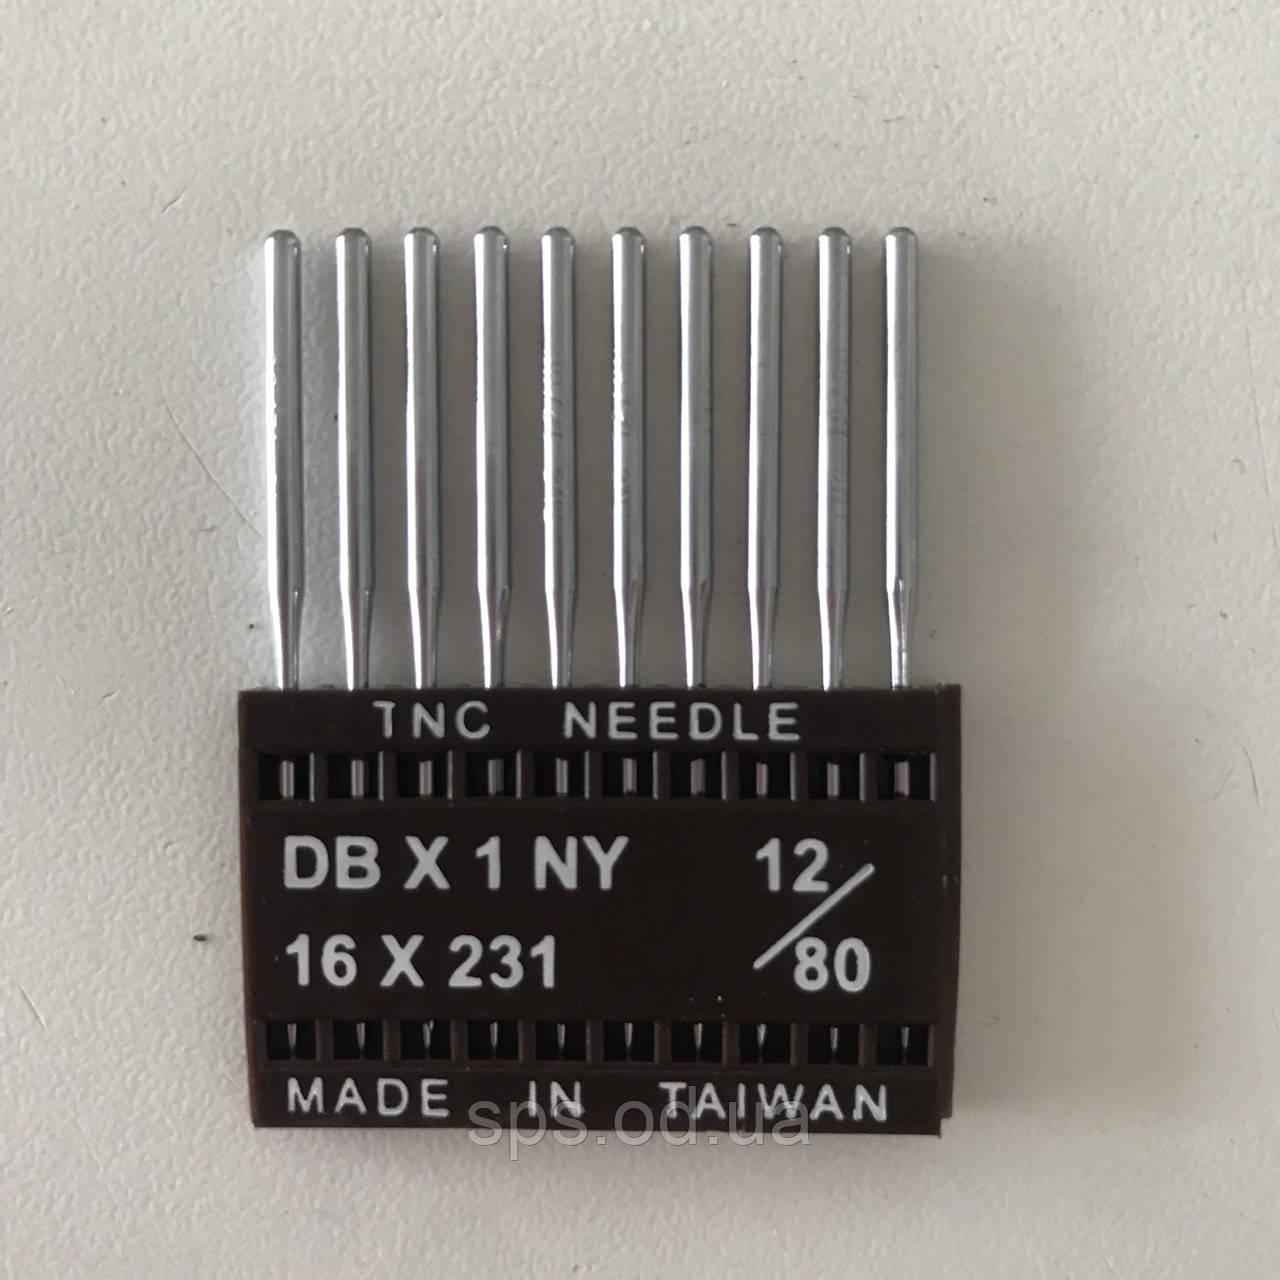 DB*1 NY 12\80 16*231